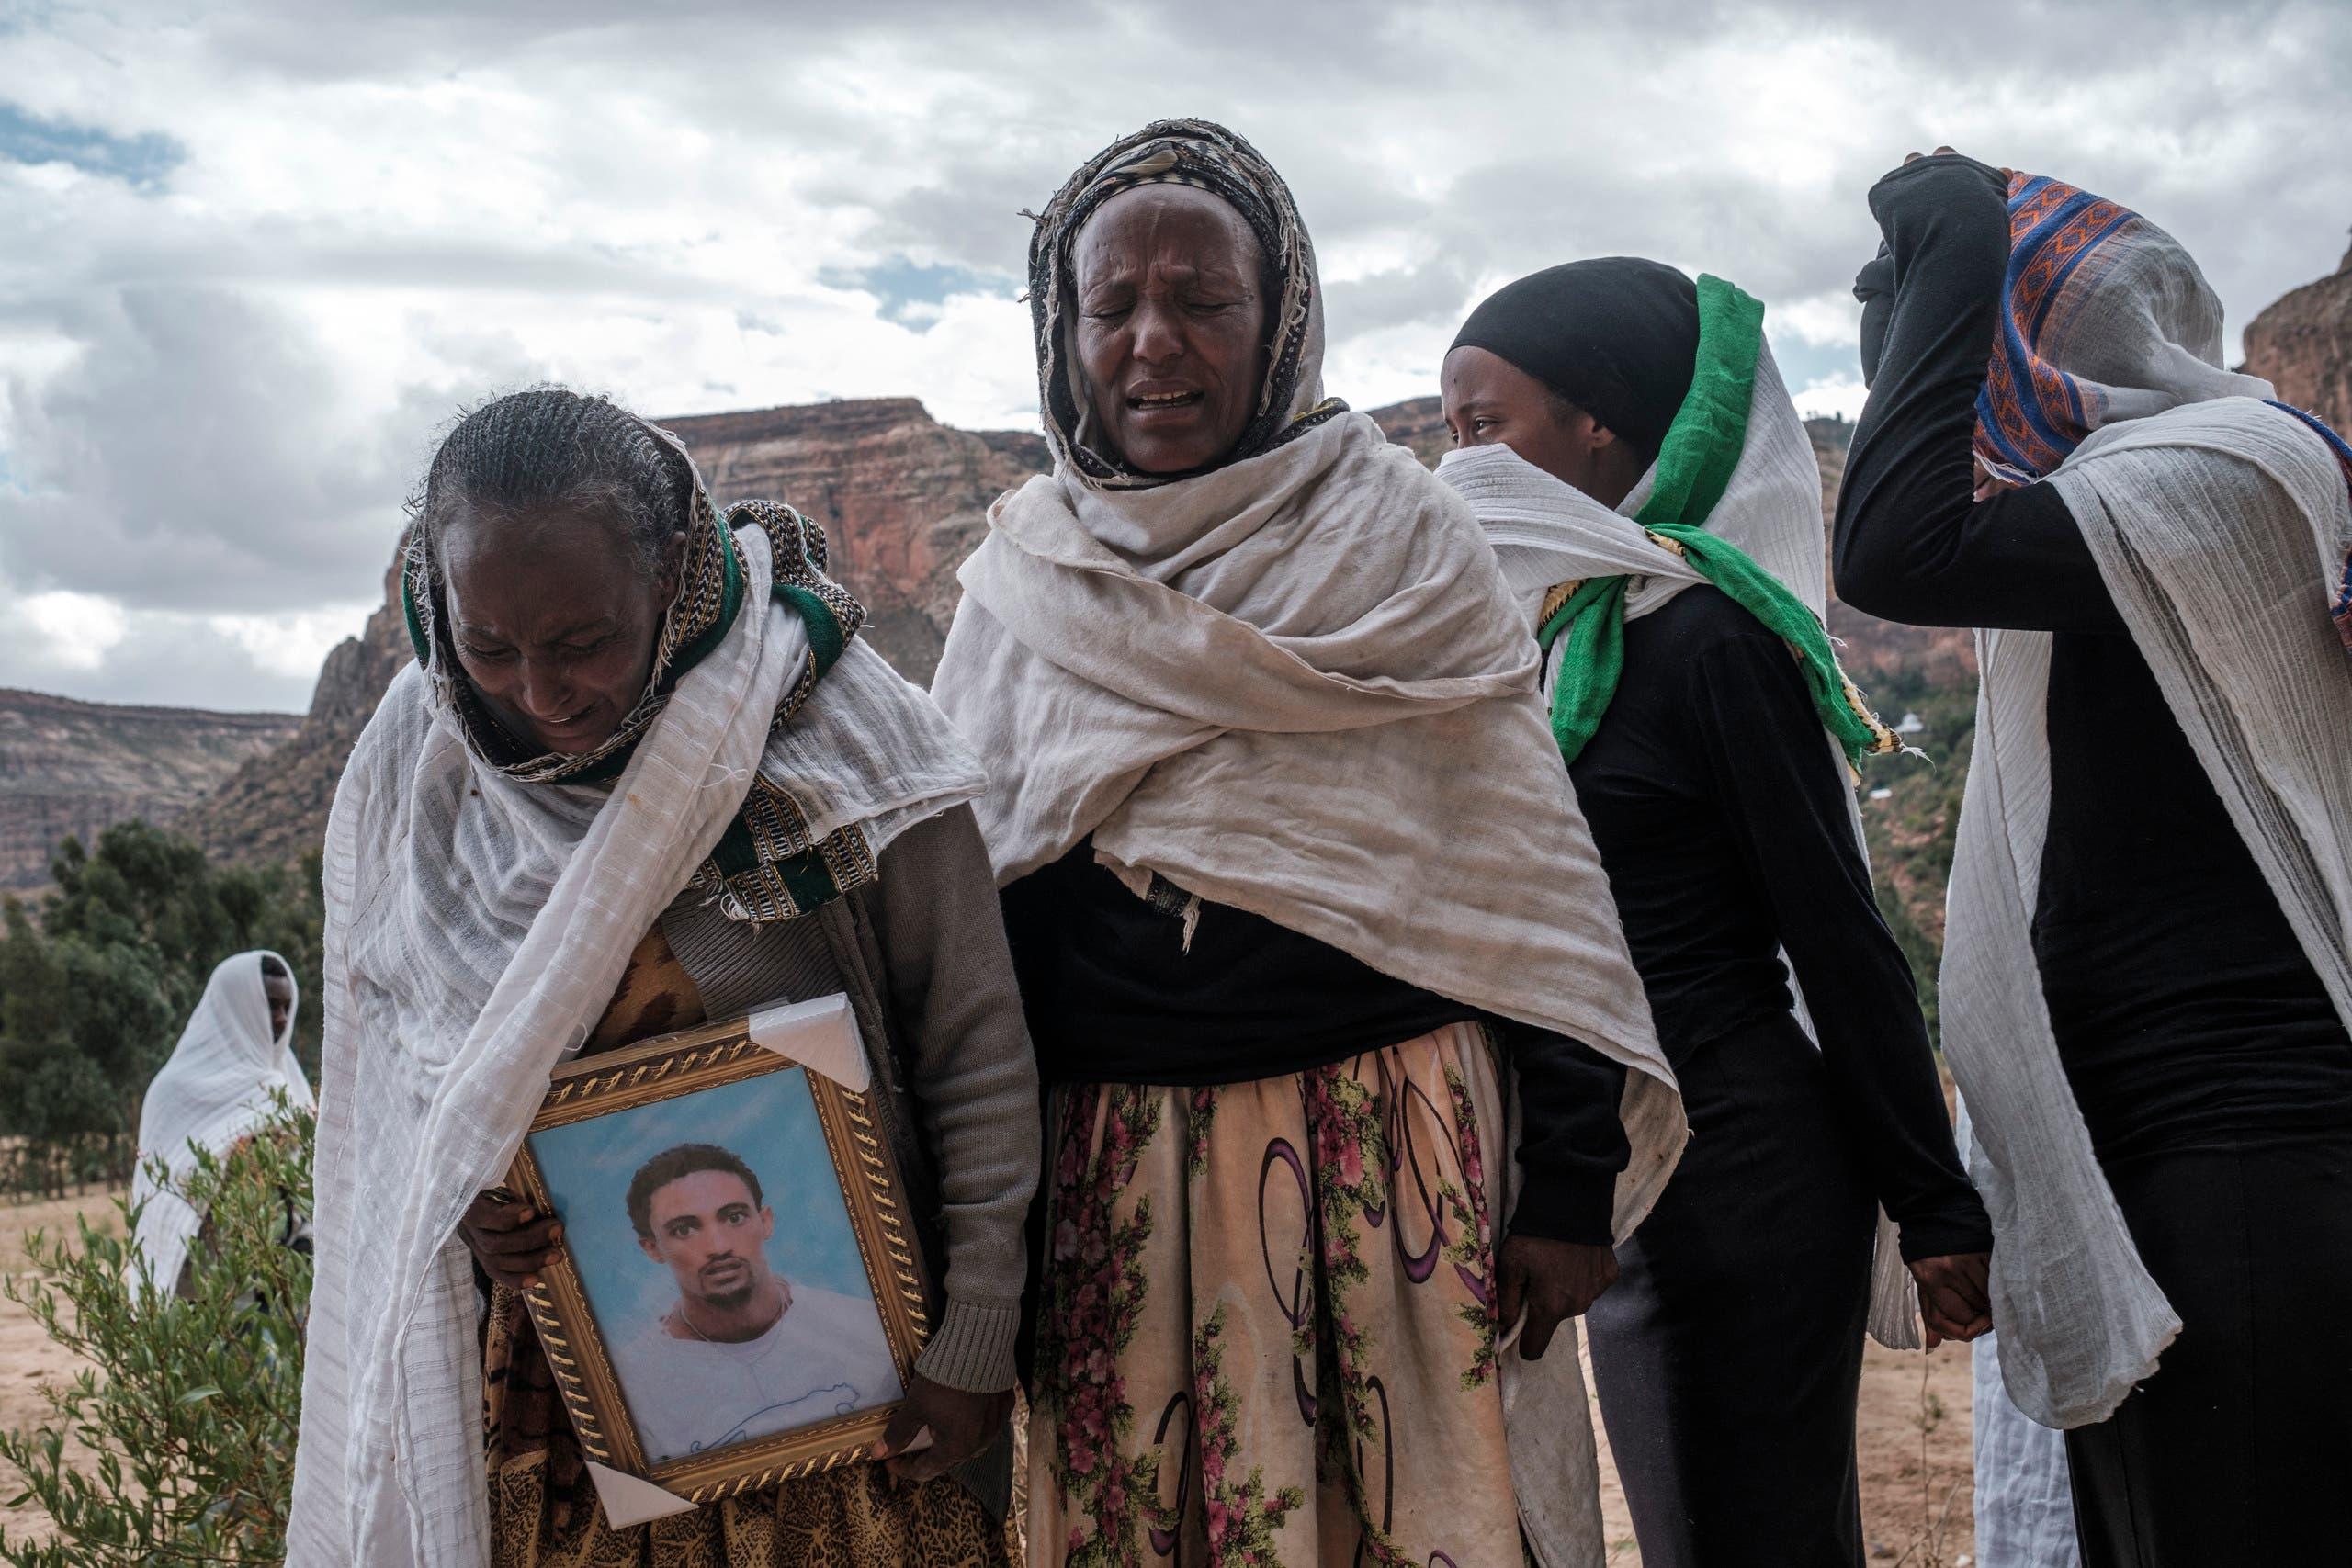 سكان من تيغراي يبكون موتاهم (أرشيفية- فرانس برس)